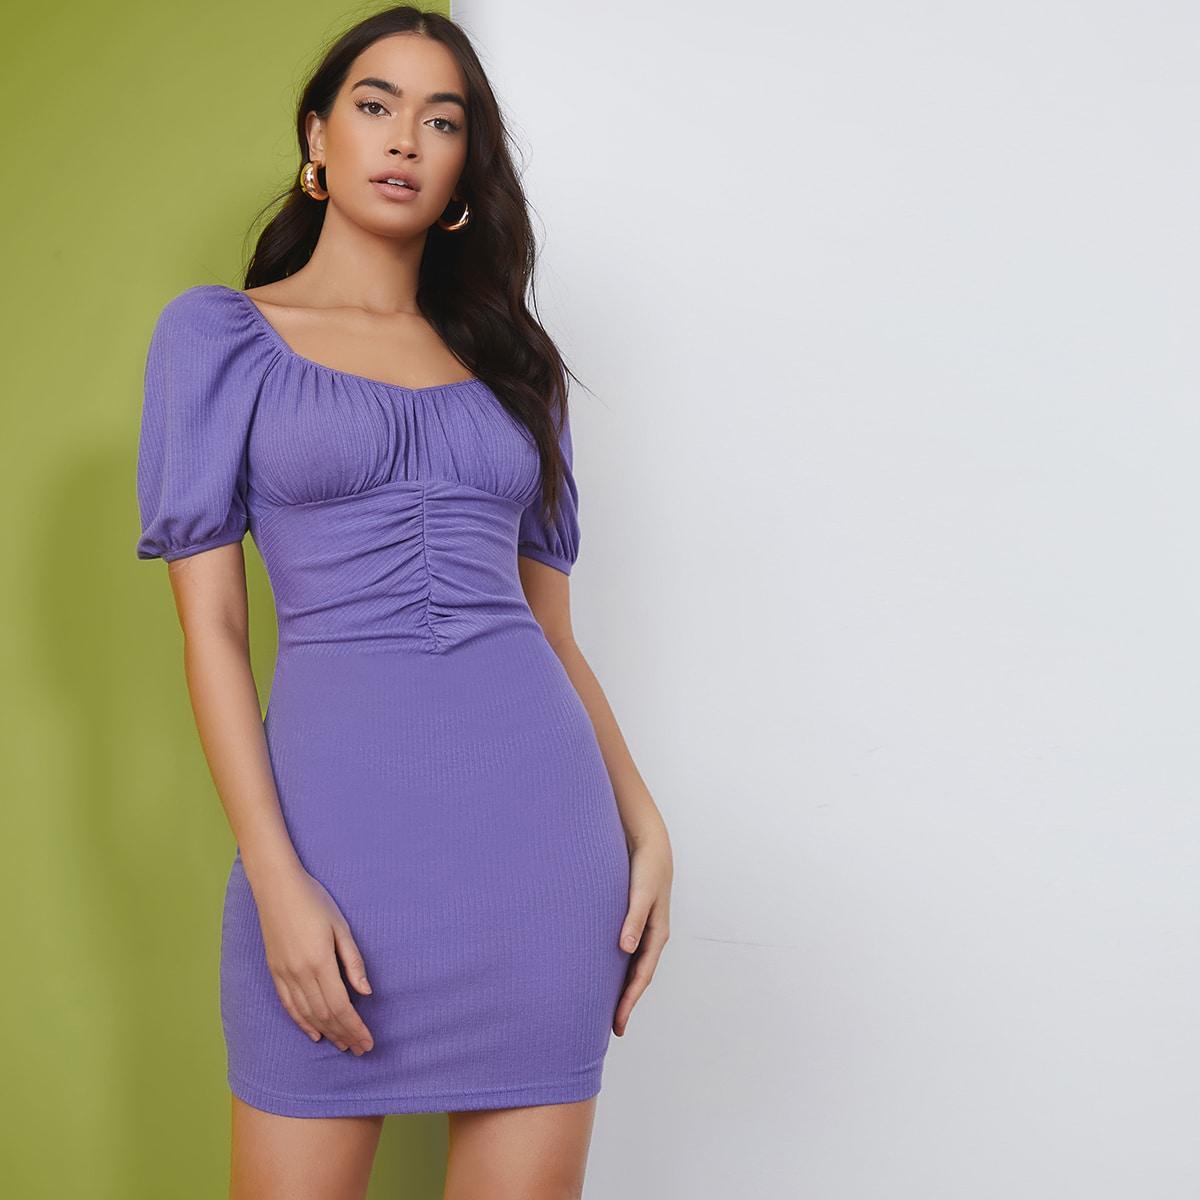 со сборками Одноцветный Элегантный Платье